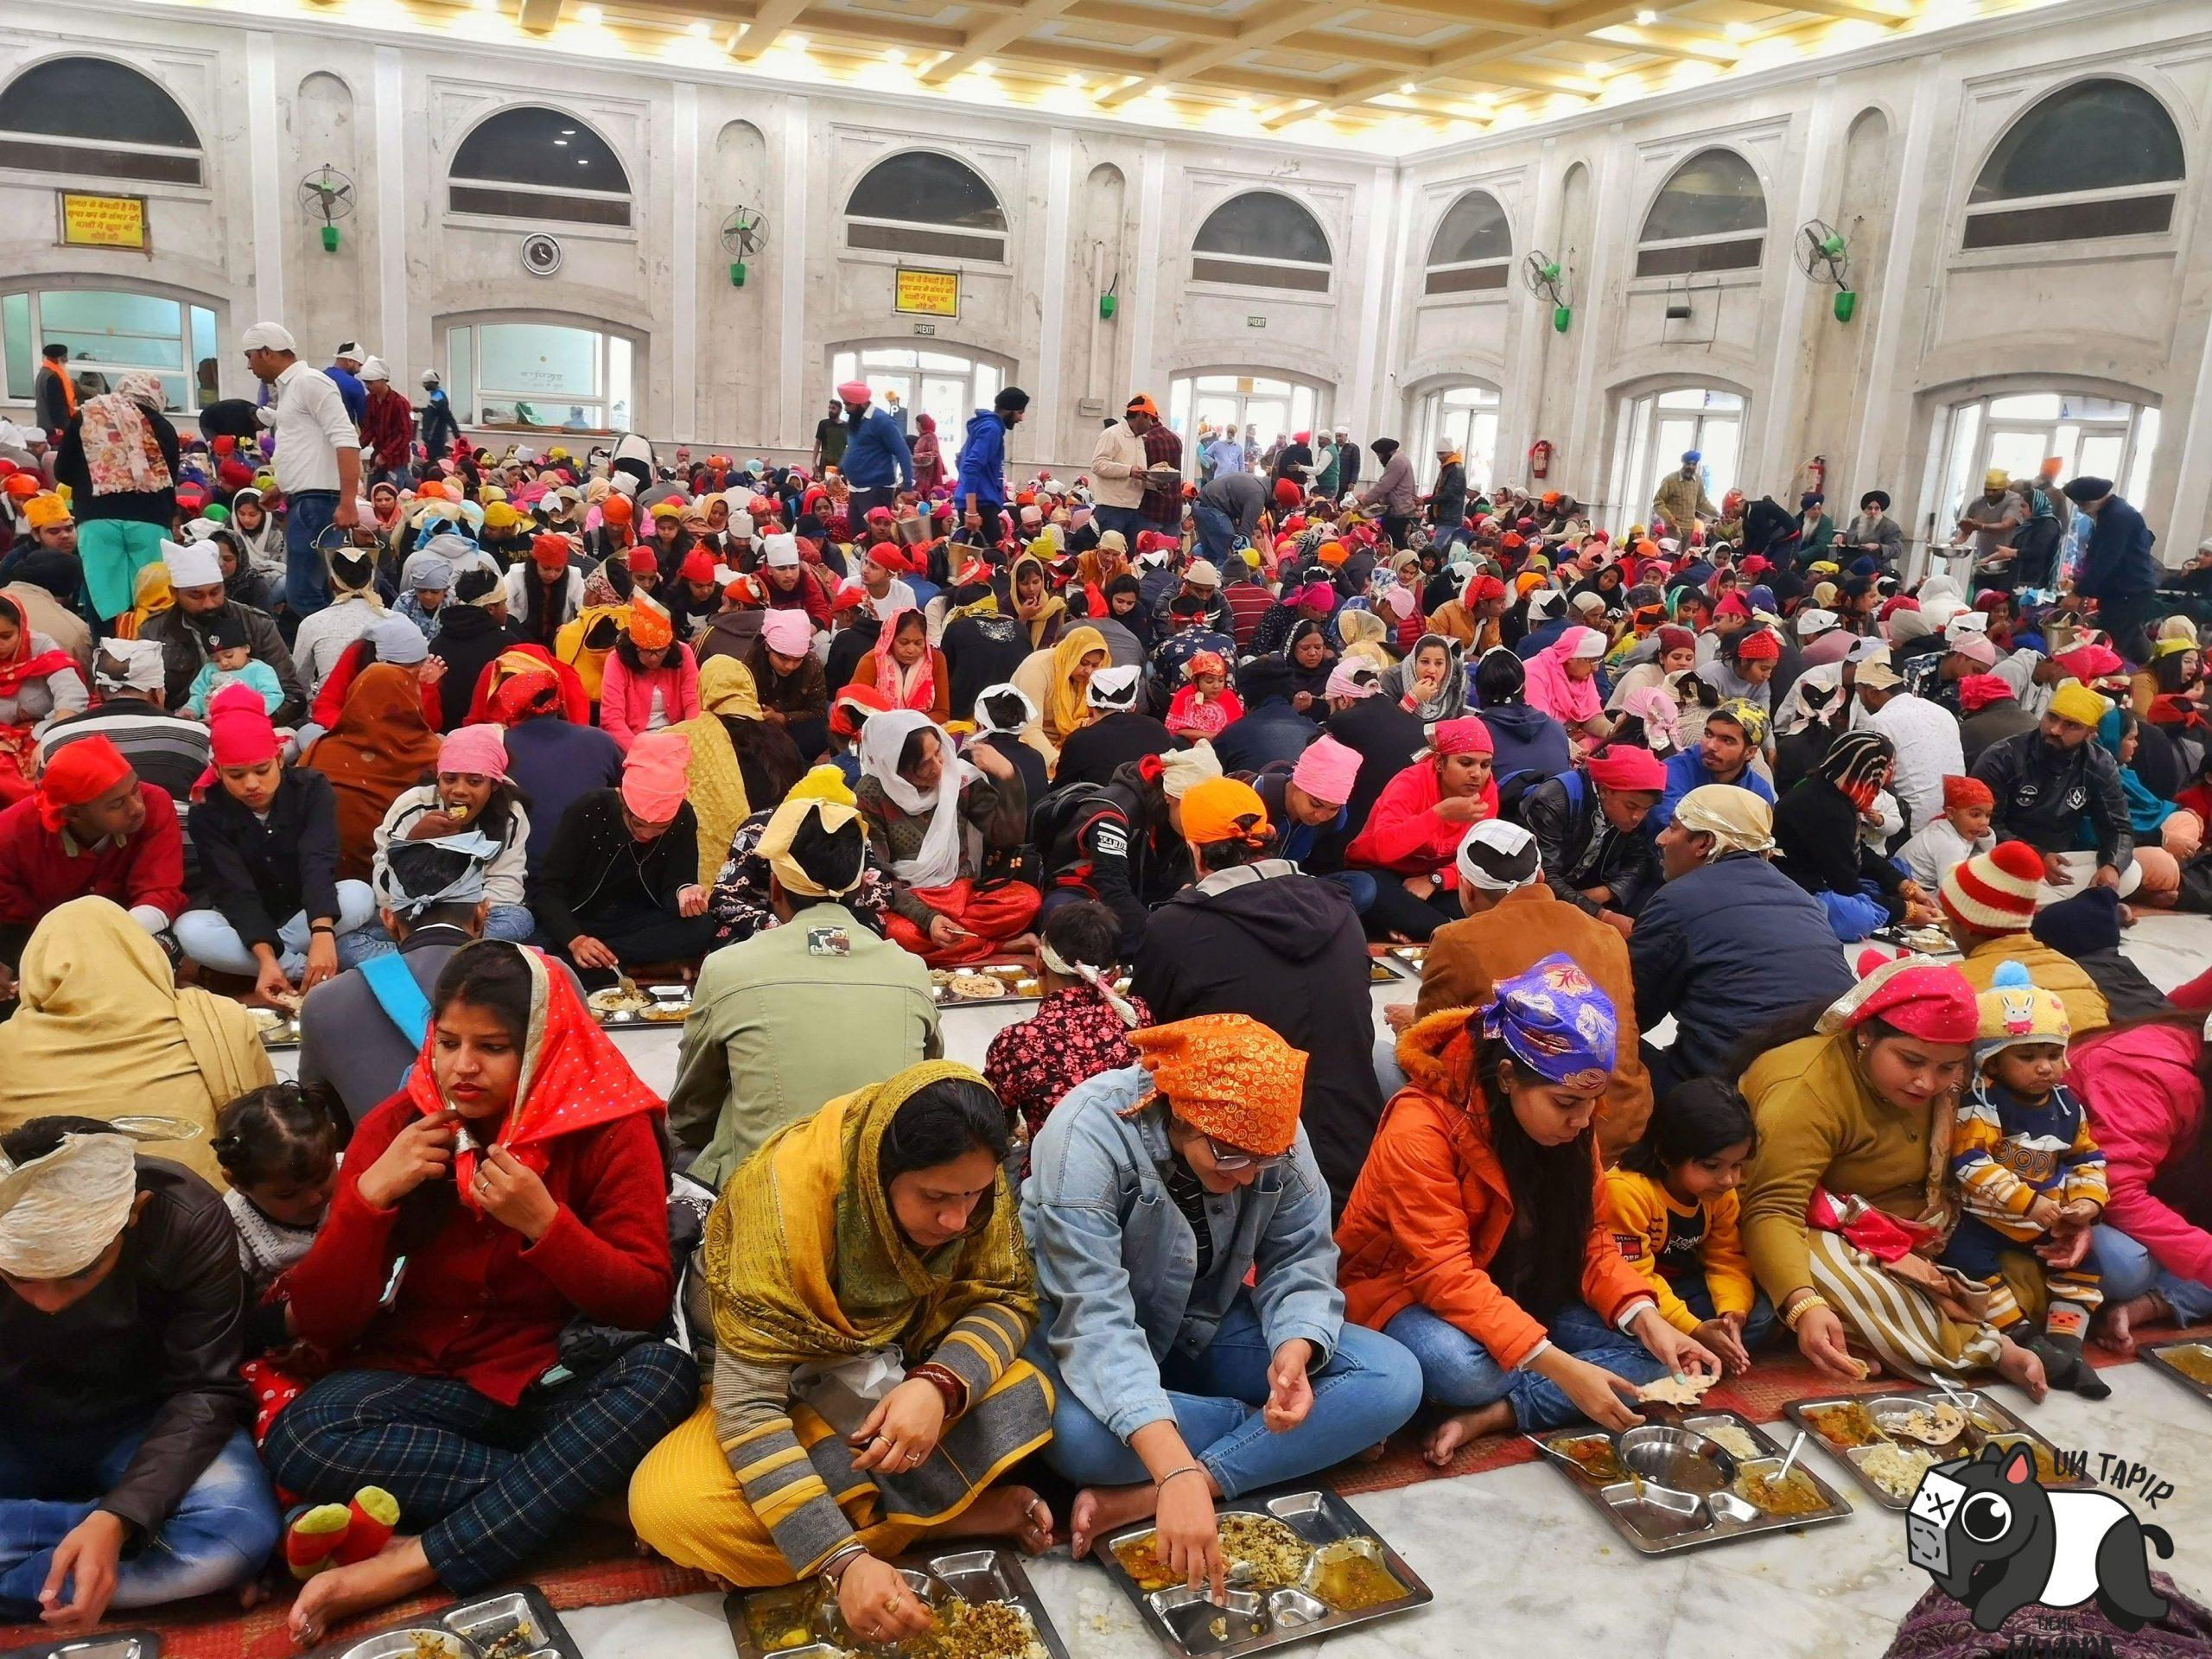 Comedor lleno de gente en Gurdwara Bangla Sahib Temple.